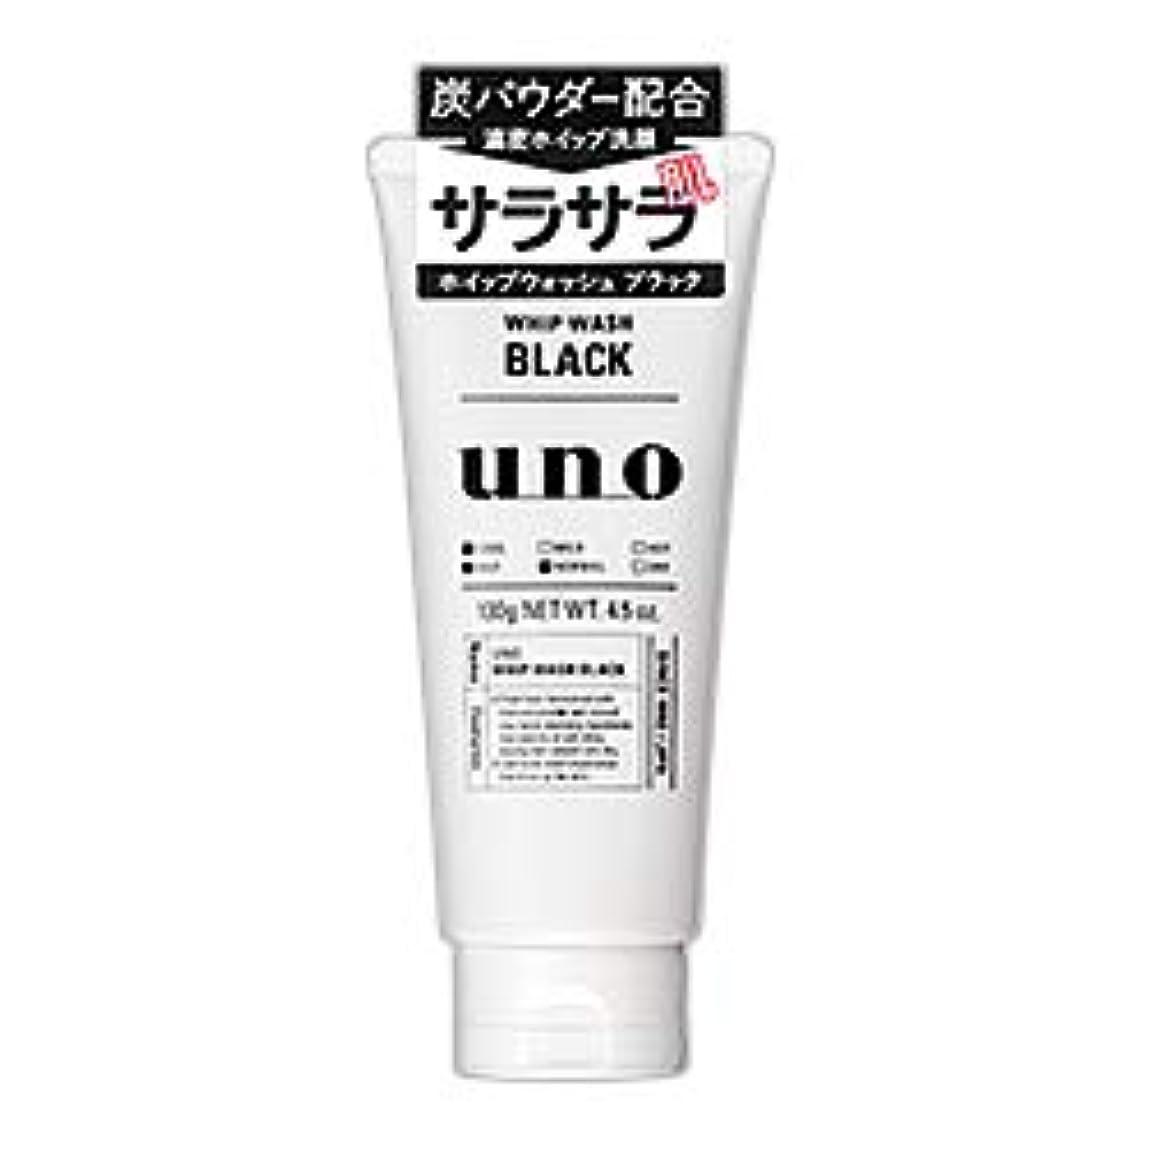 無実以来改善する【資生堂】ウーノ(uno) ホイップウォッシュ (ブラック) 130g ×2個